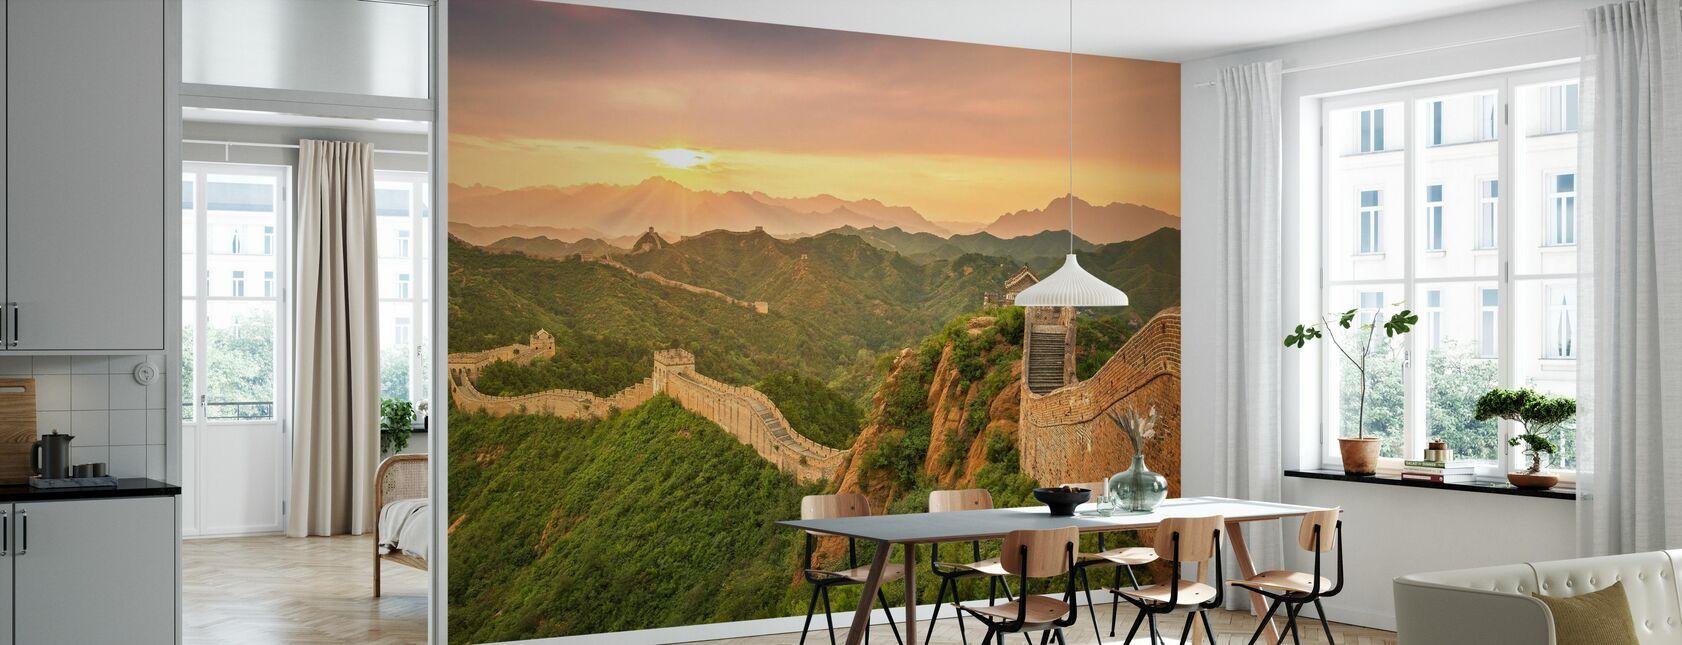 Chinesische Mauer bei Sonnenaufgang - Tapete - Küchen